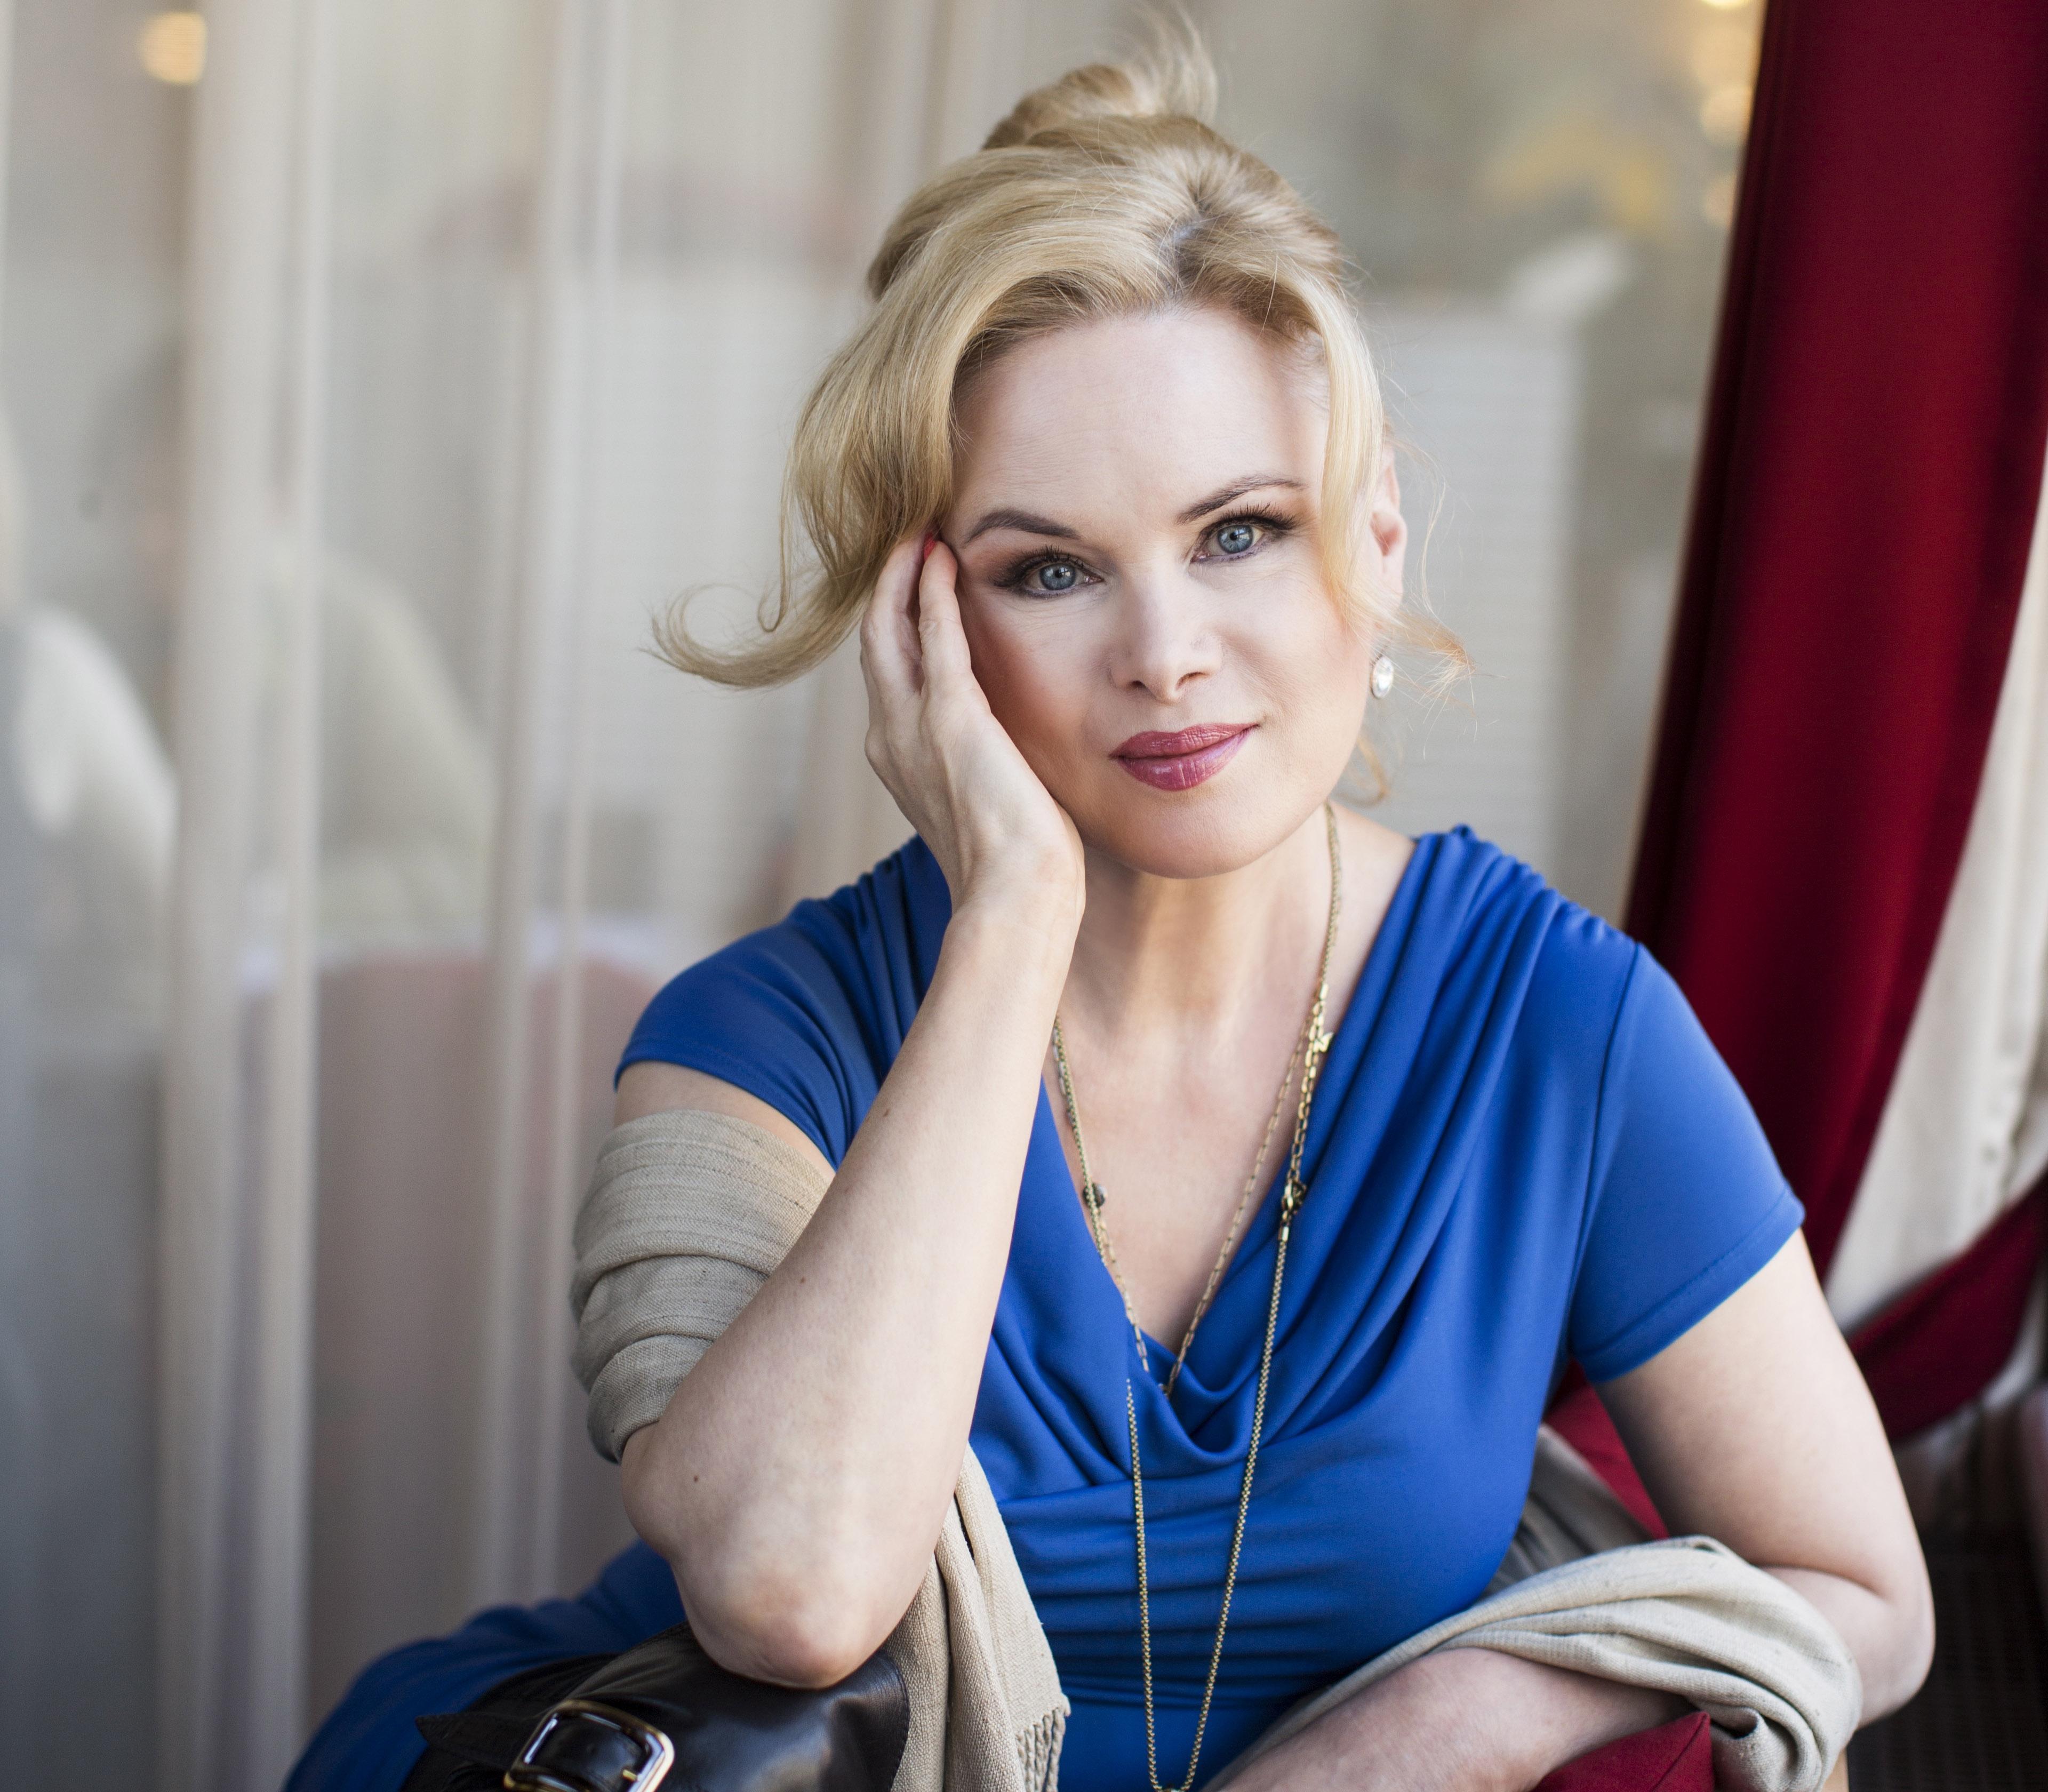 Ohjaaja-näyttelijä Sara Melleri vertaa Annassa Helenaa Madonnaan ja Marilyn Monroeen: hän on hypernaisellinen underground-kulttuurin ikoni, jota ei voi arvoida pelkän ulkonäön perusteella.